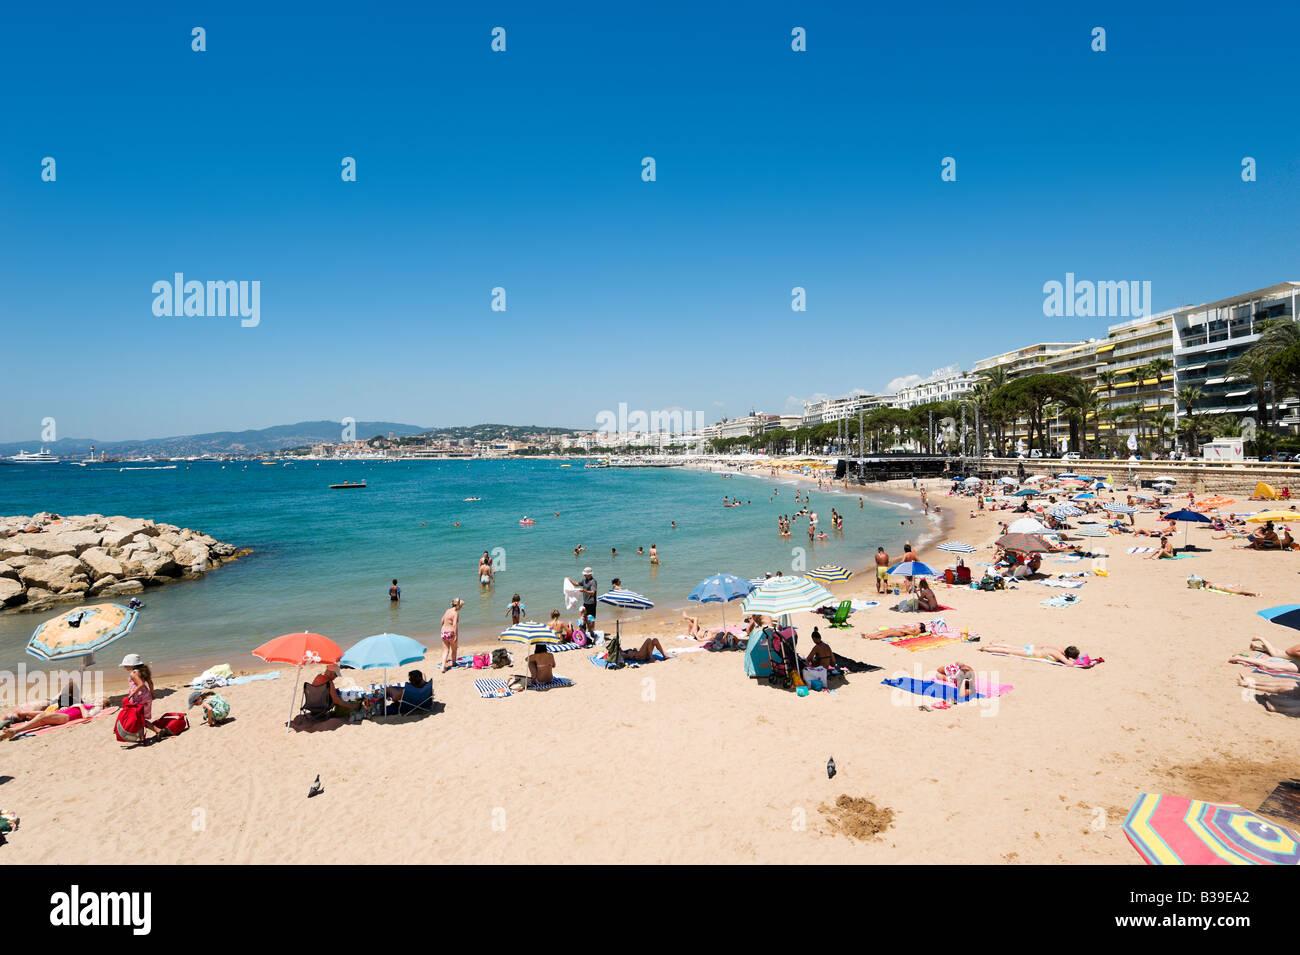 Plage de la Croisette (La Croisette Beach), Cannes, Cote d'Azur, Provence, France - Stock Image